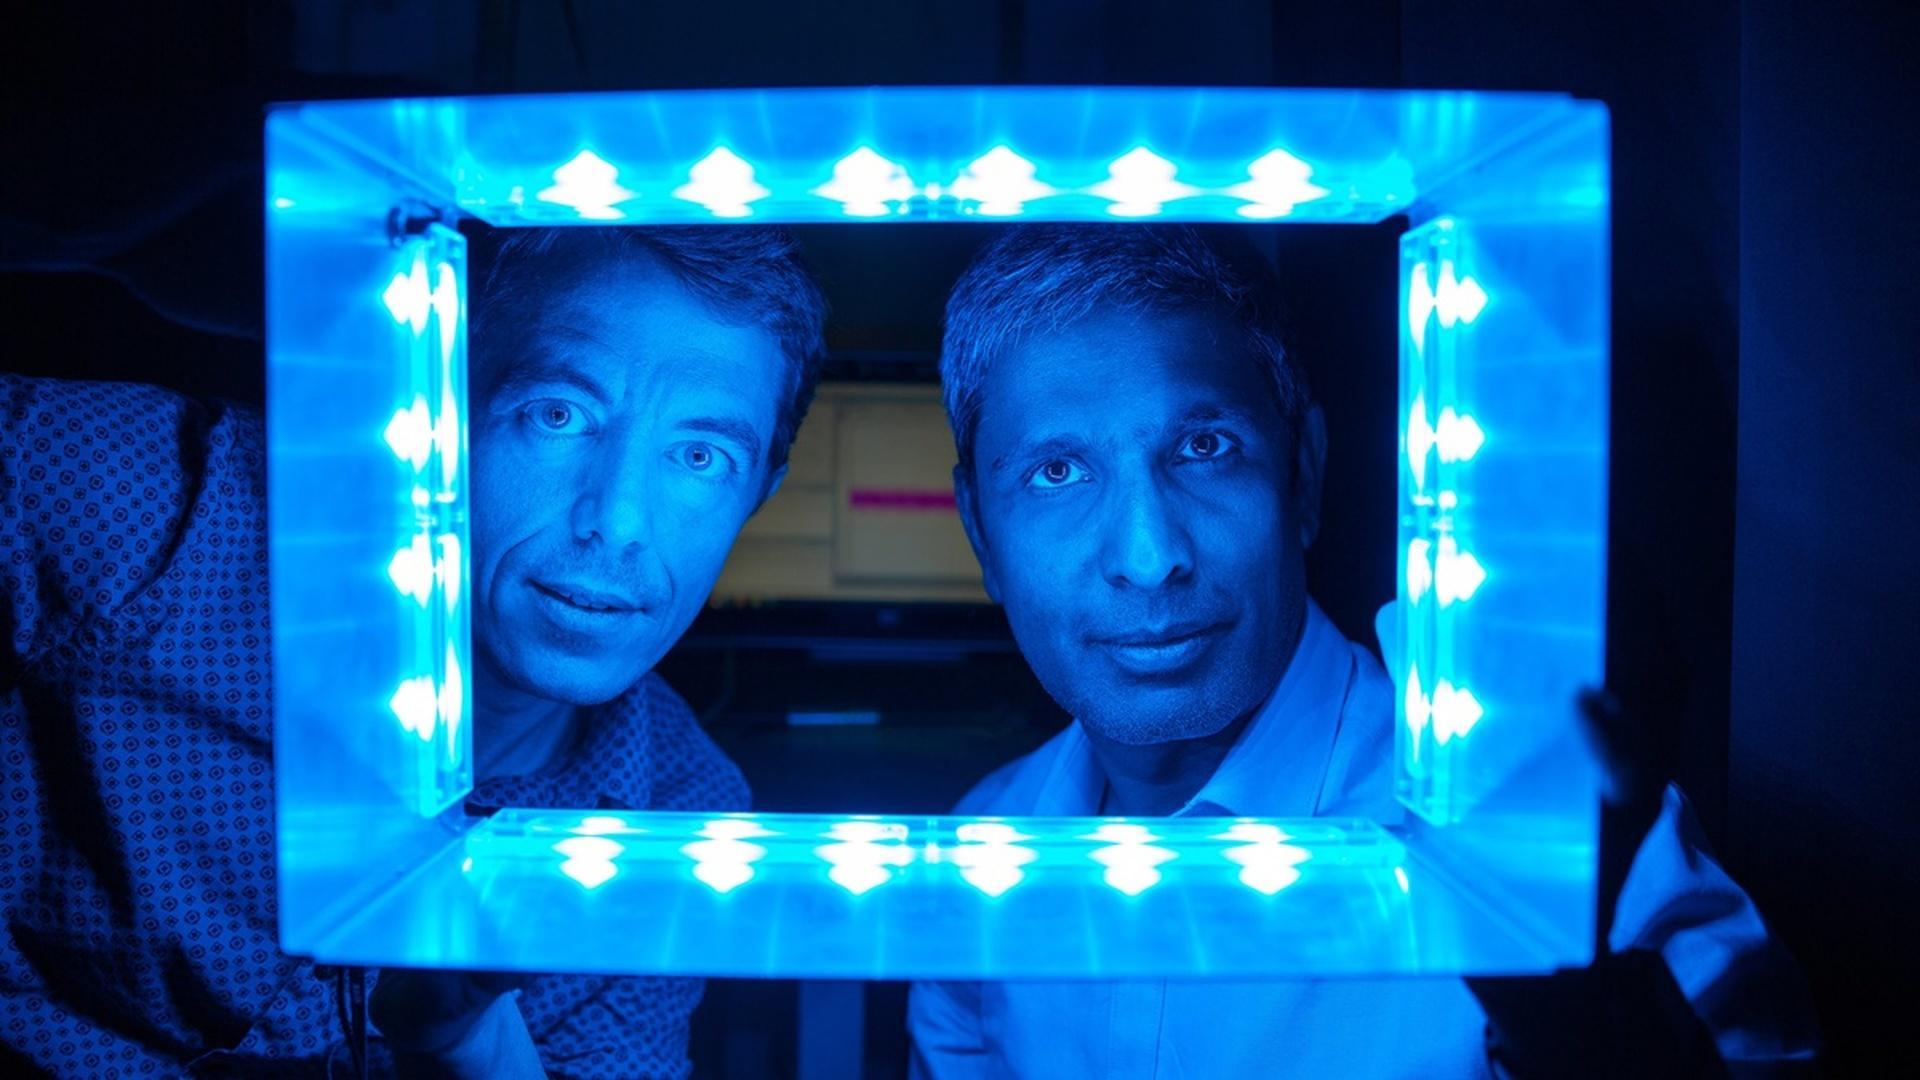 Синий свет стимулирует иммунитет